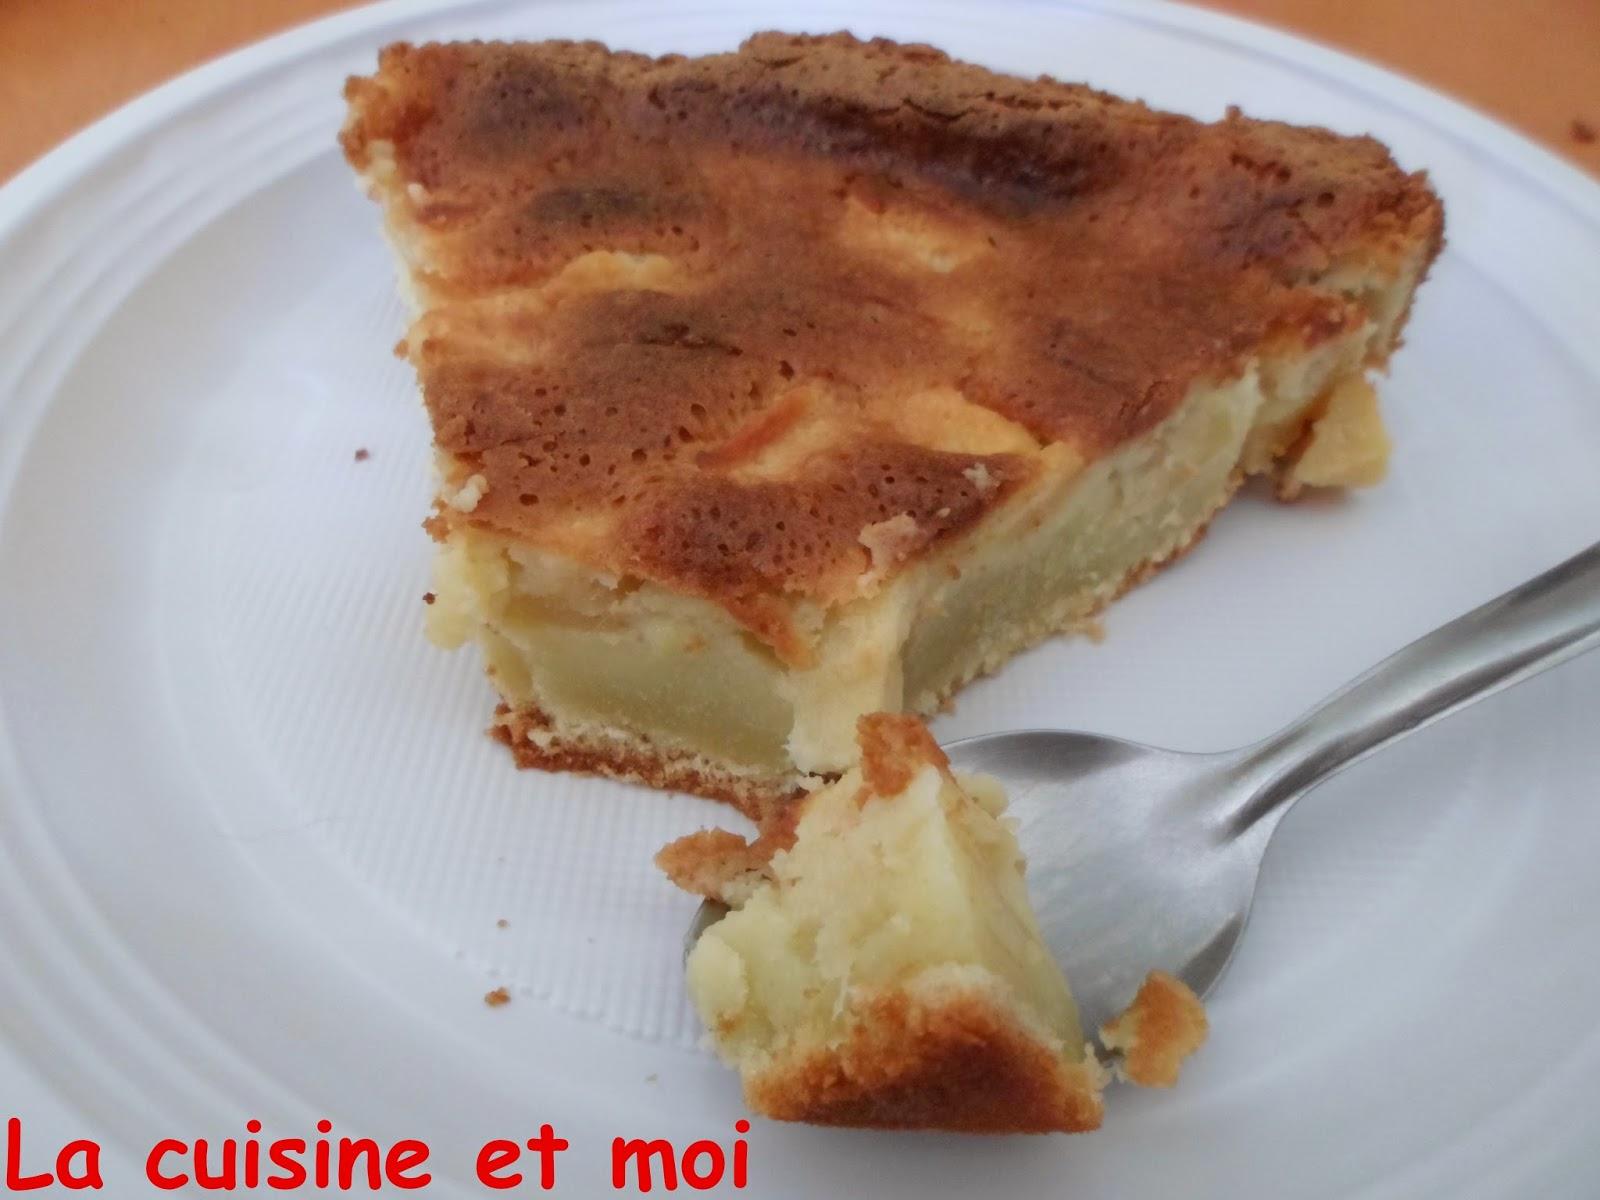 http://la-cuisine-et-moi.blogspot.fr/2014/05/gateau-aux-pommes.html